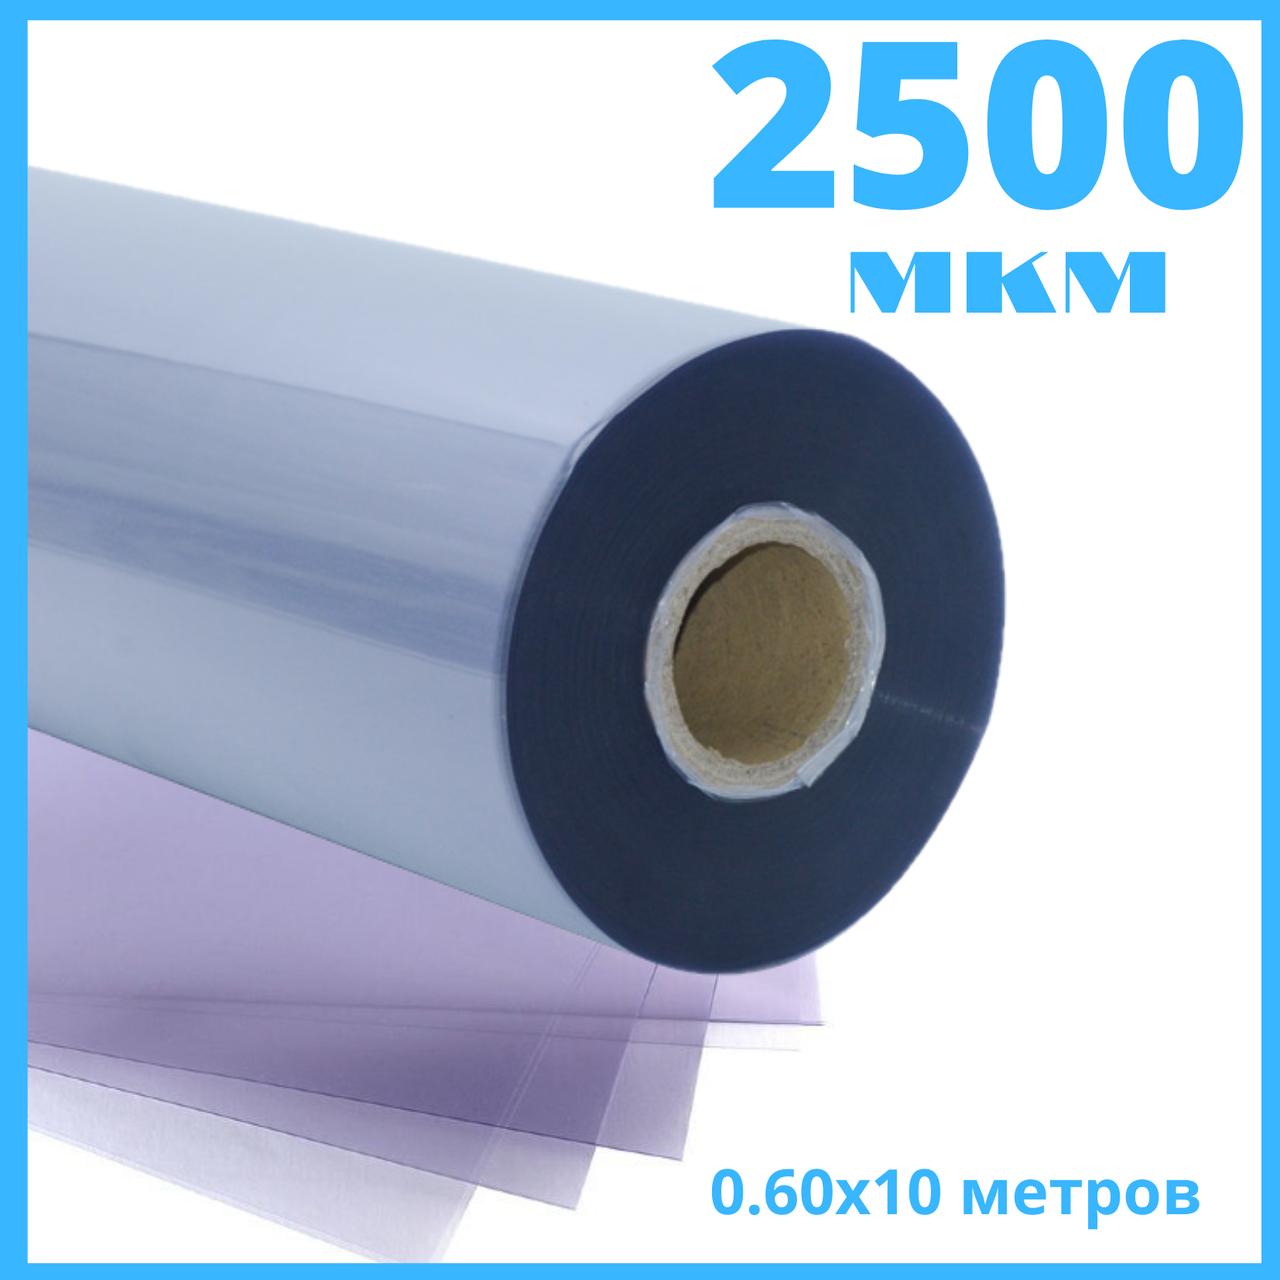 Пленка 2500 микрон силиконовая 0.60х10 метров (мягкое стекло)